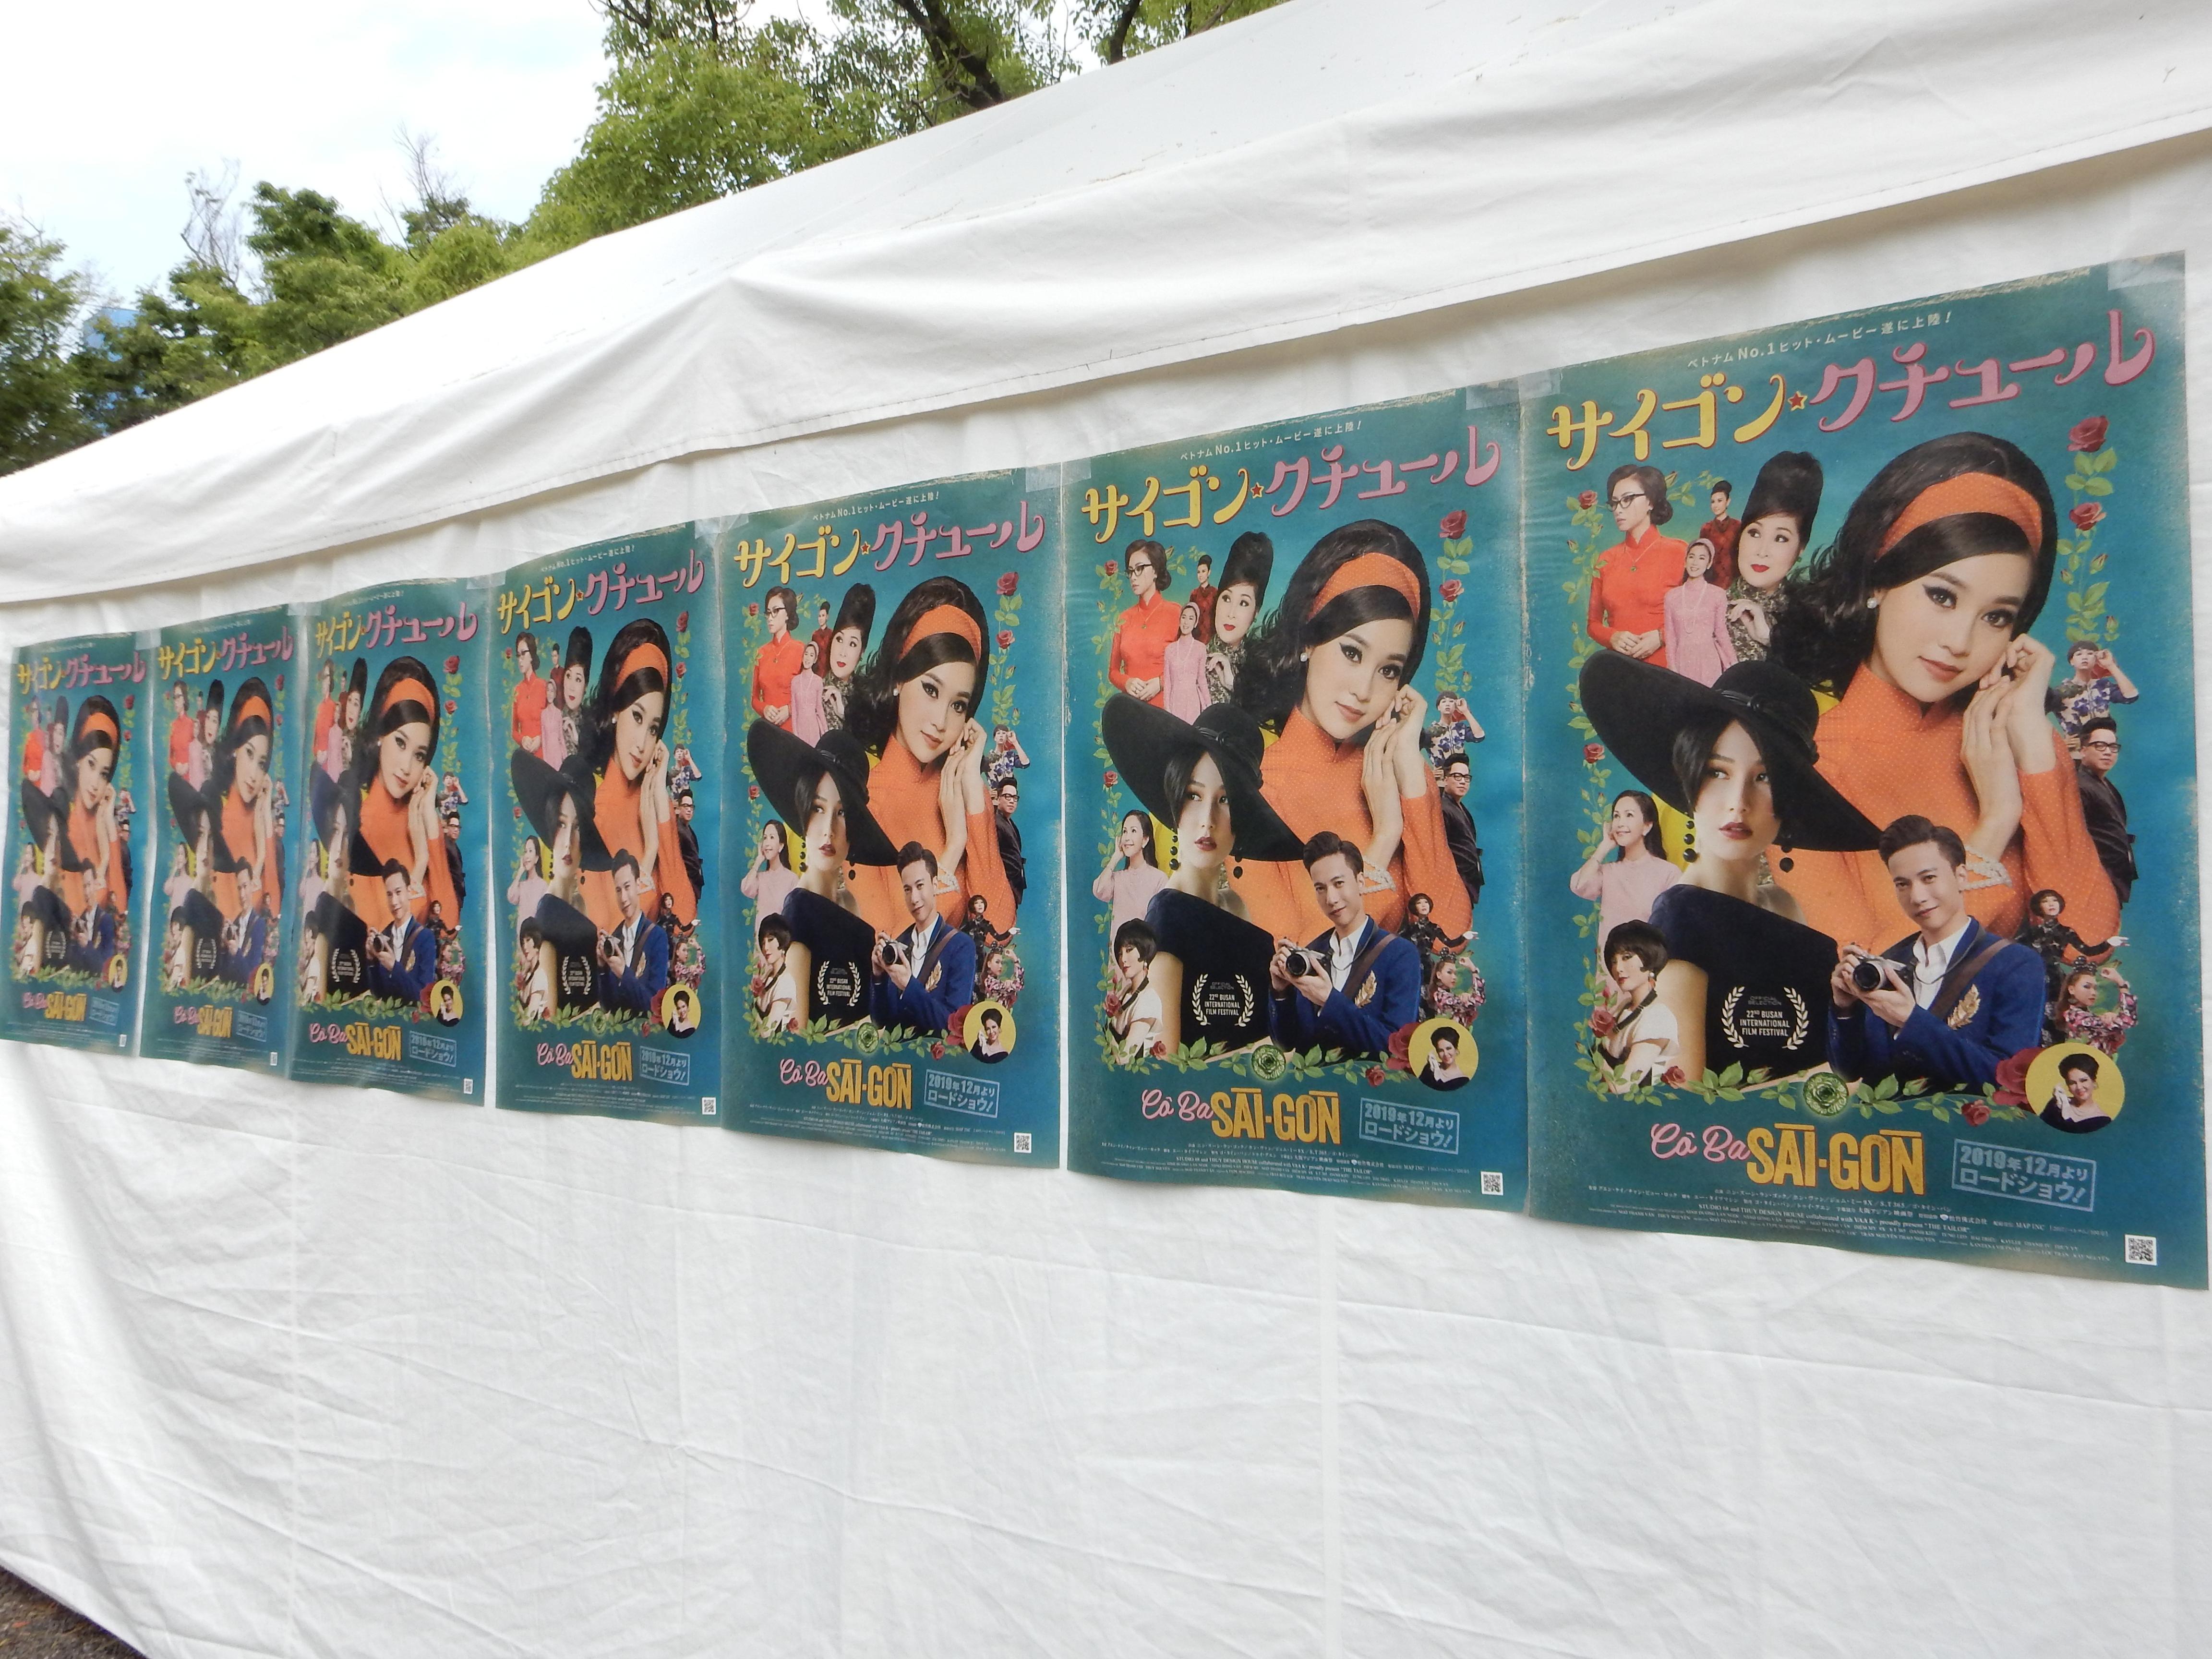 サイゴン・クチュールのポスター